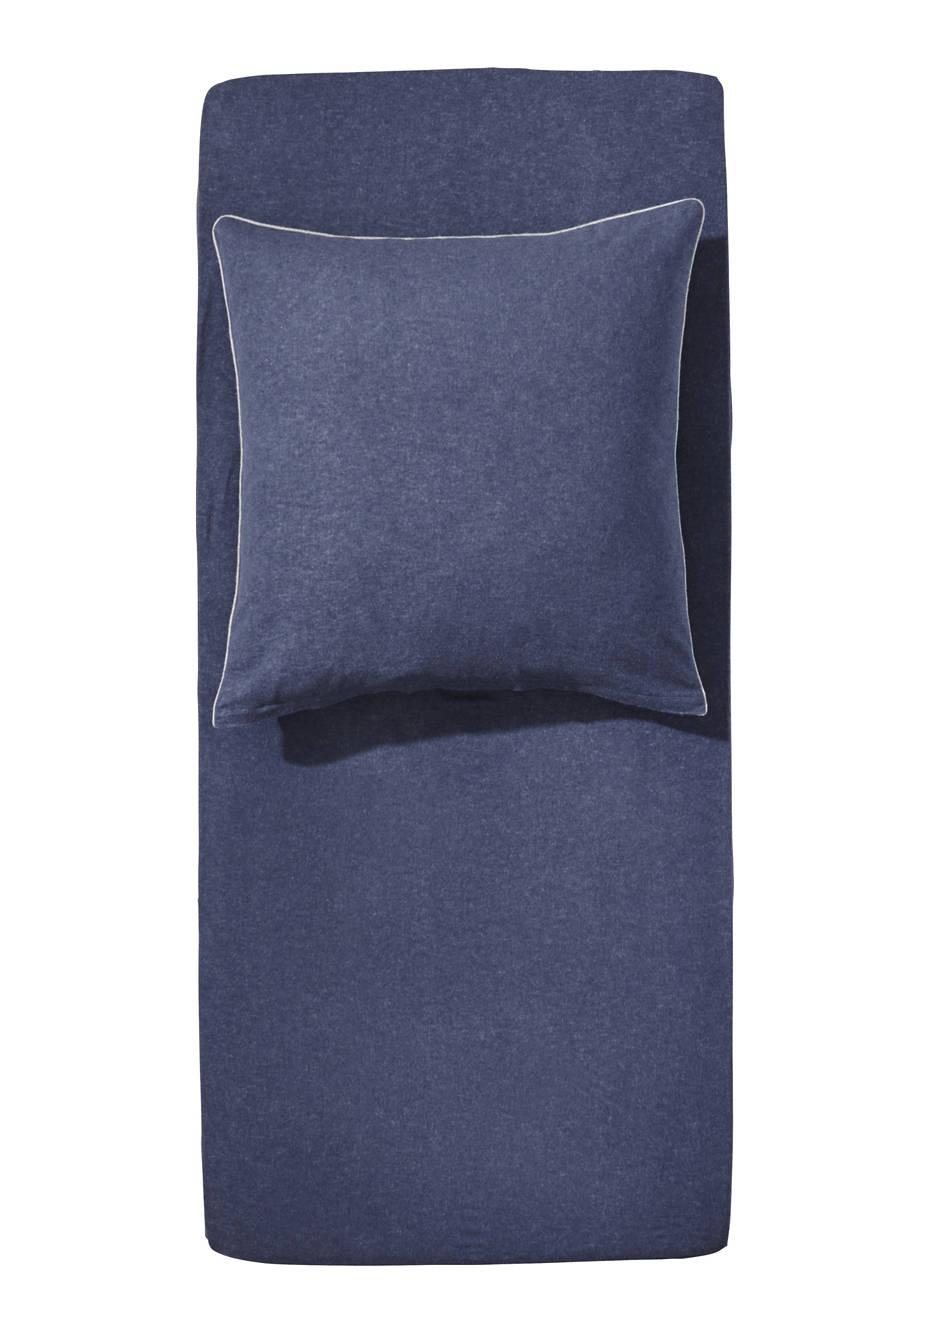 Biber-Spannbett-Tuch aus reiner Bio-Baumwolle